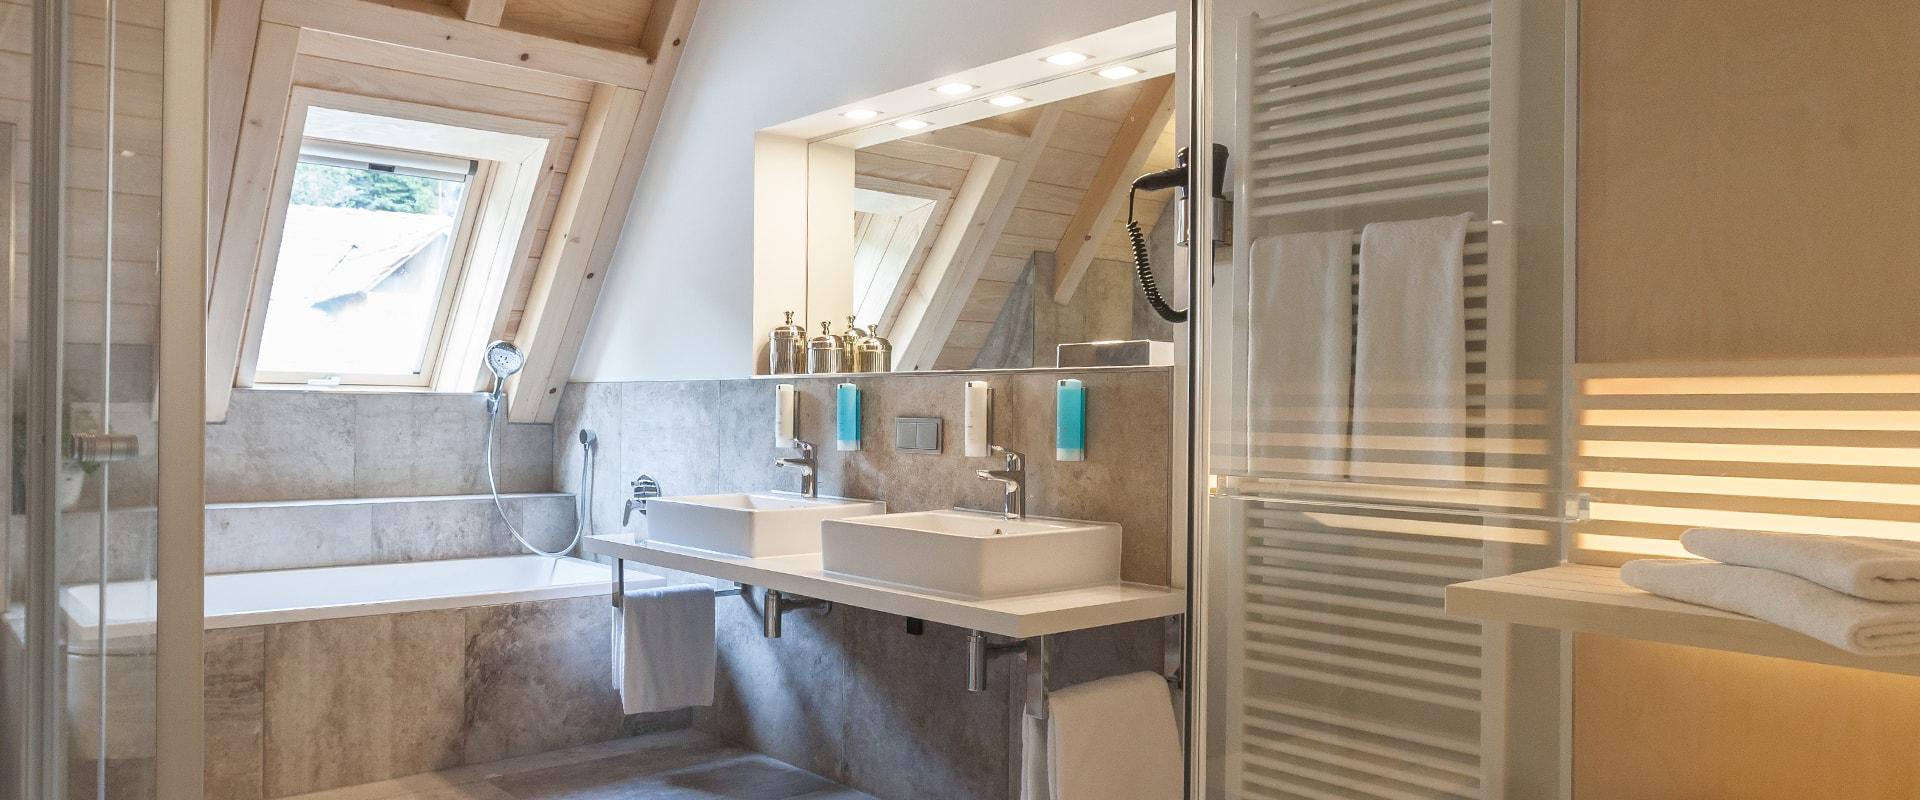 Duravit e l'arredo bagno moderno: sentirsi a casa anche in hotel